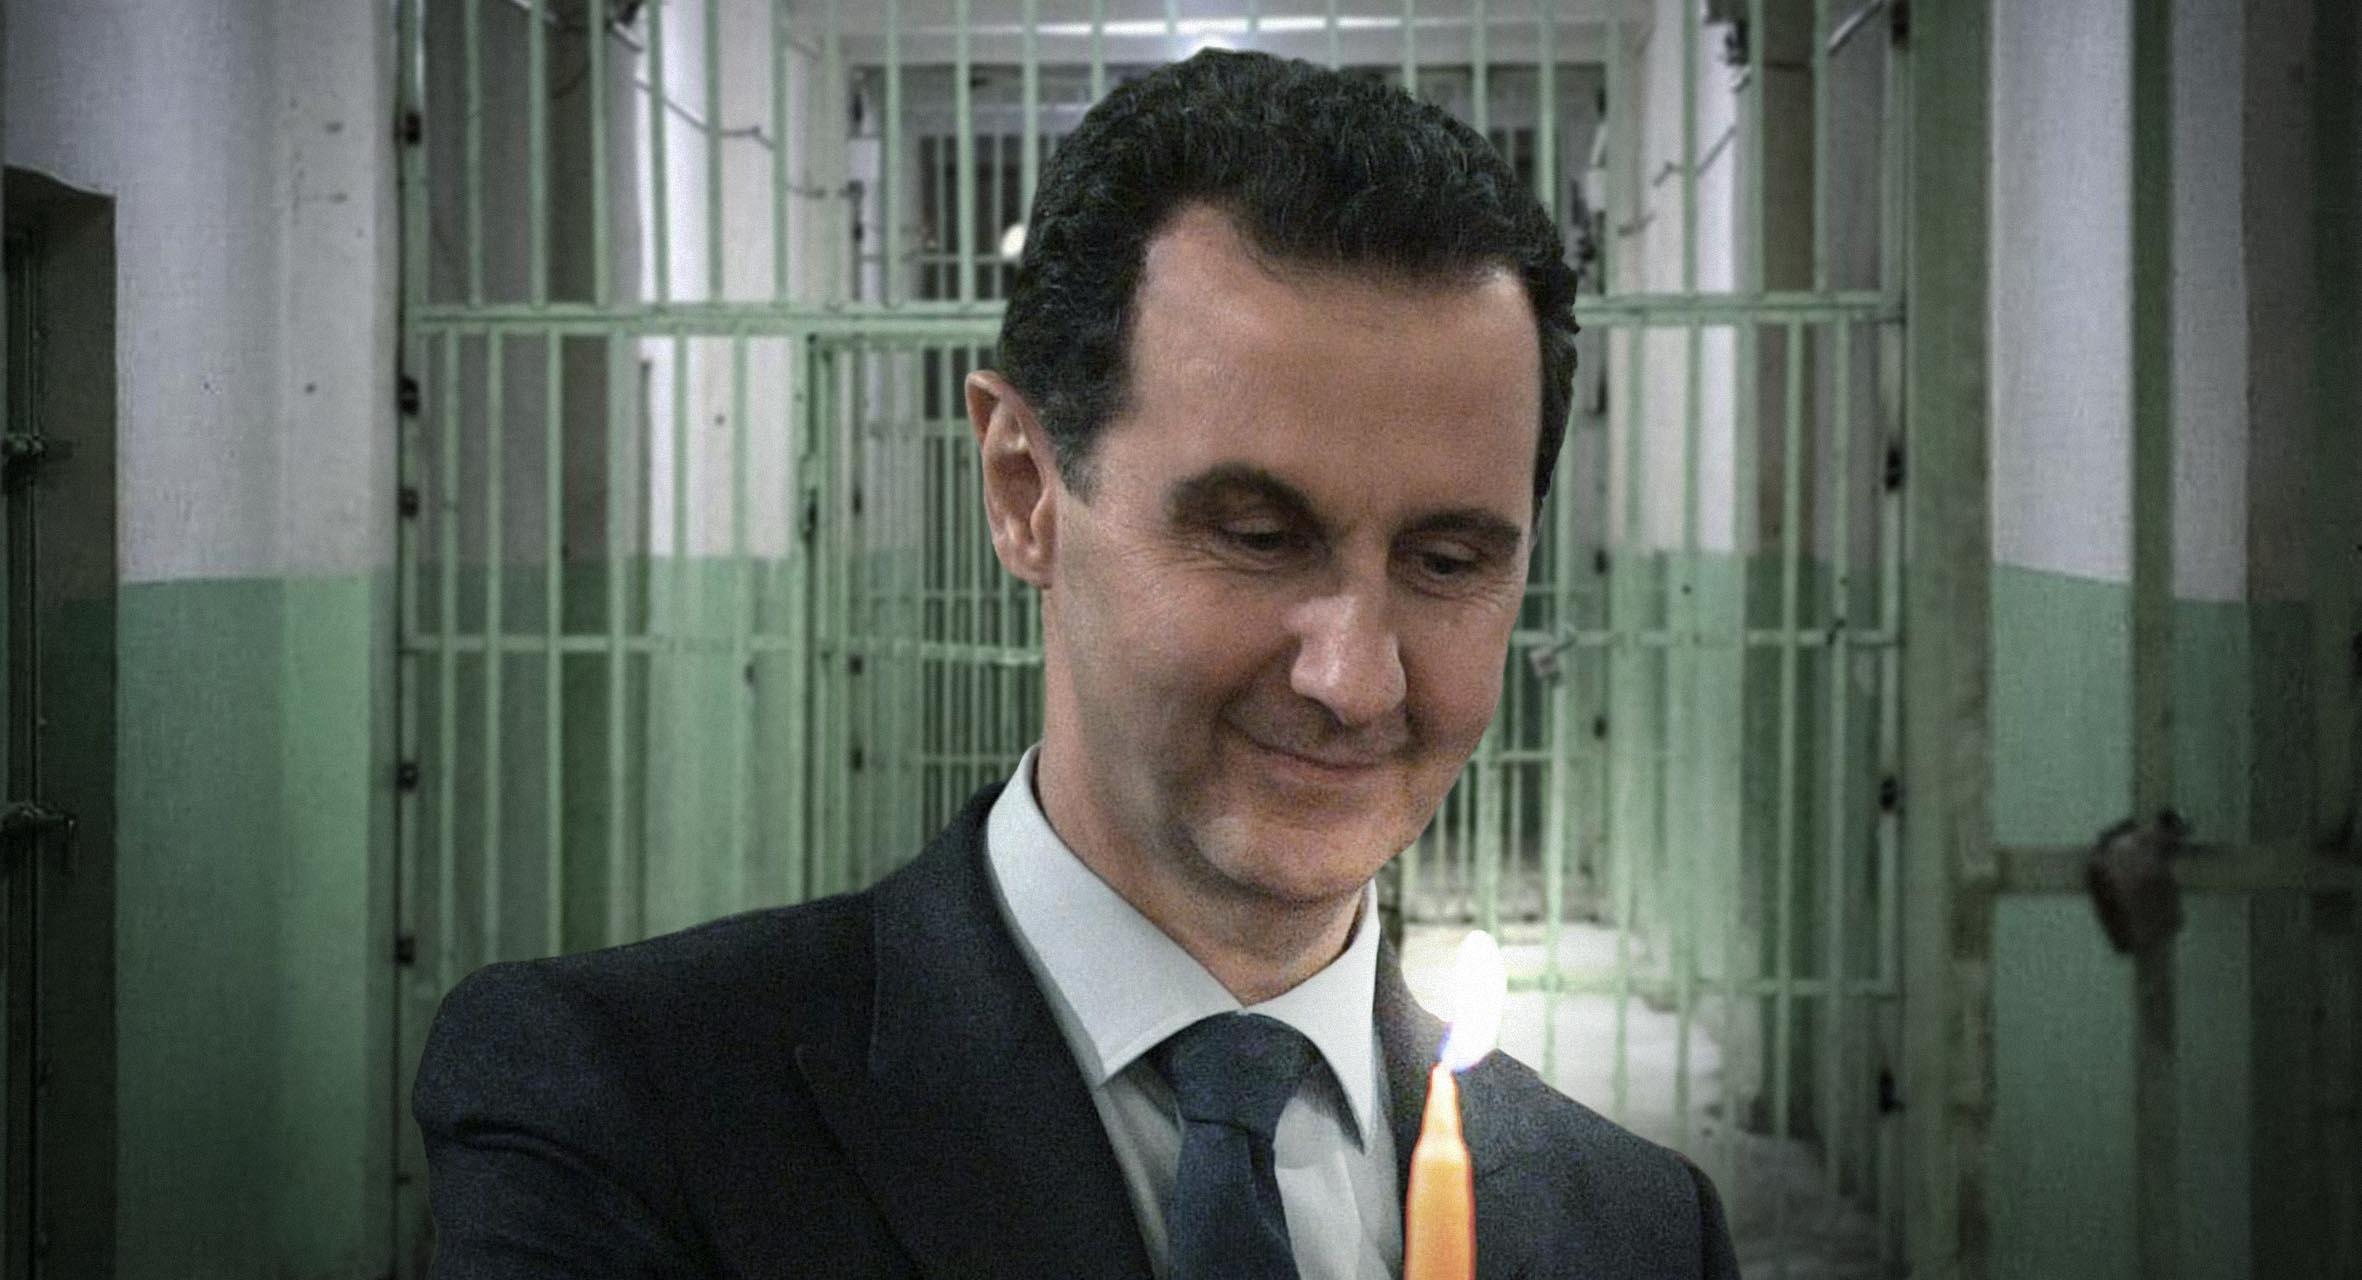 صورة بشار الأسد يطفئ شمعة السنة العاشرة للثورة في أجساد المعتقلين